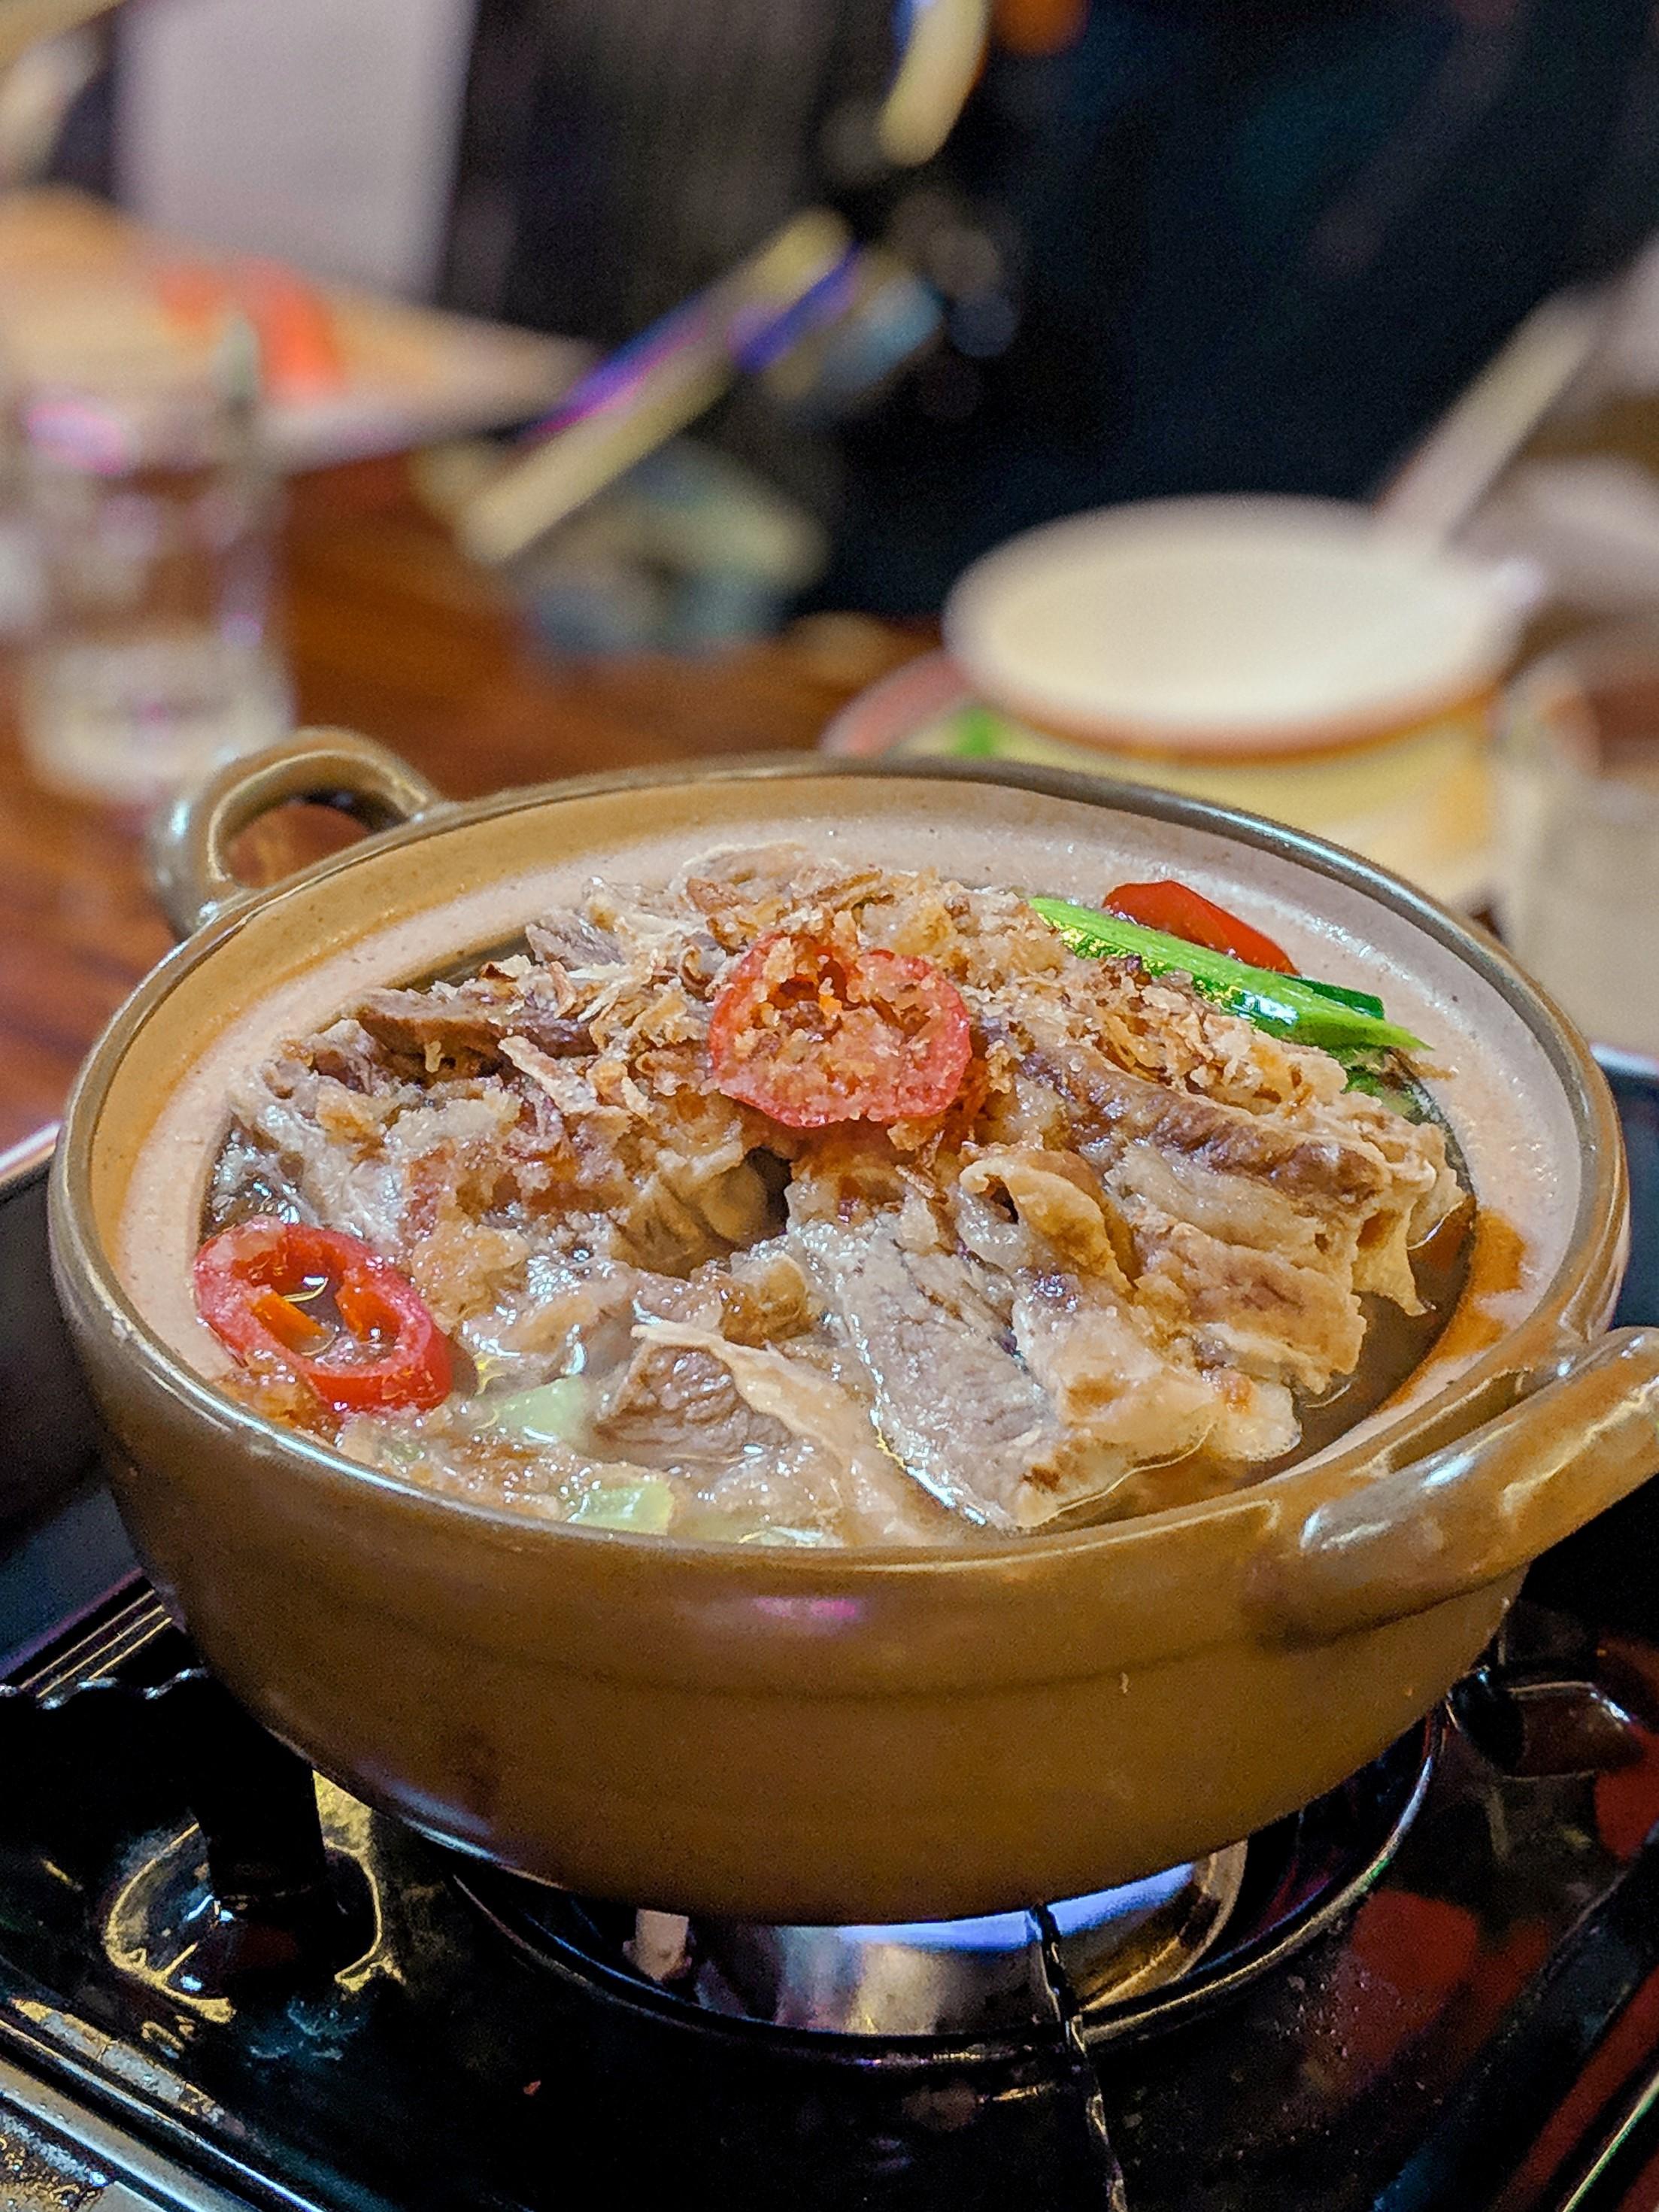 3.Lei Ka Choi Hot Pot at Broadway Macao's Hot Pot sensation